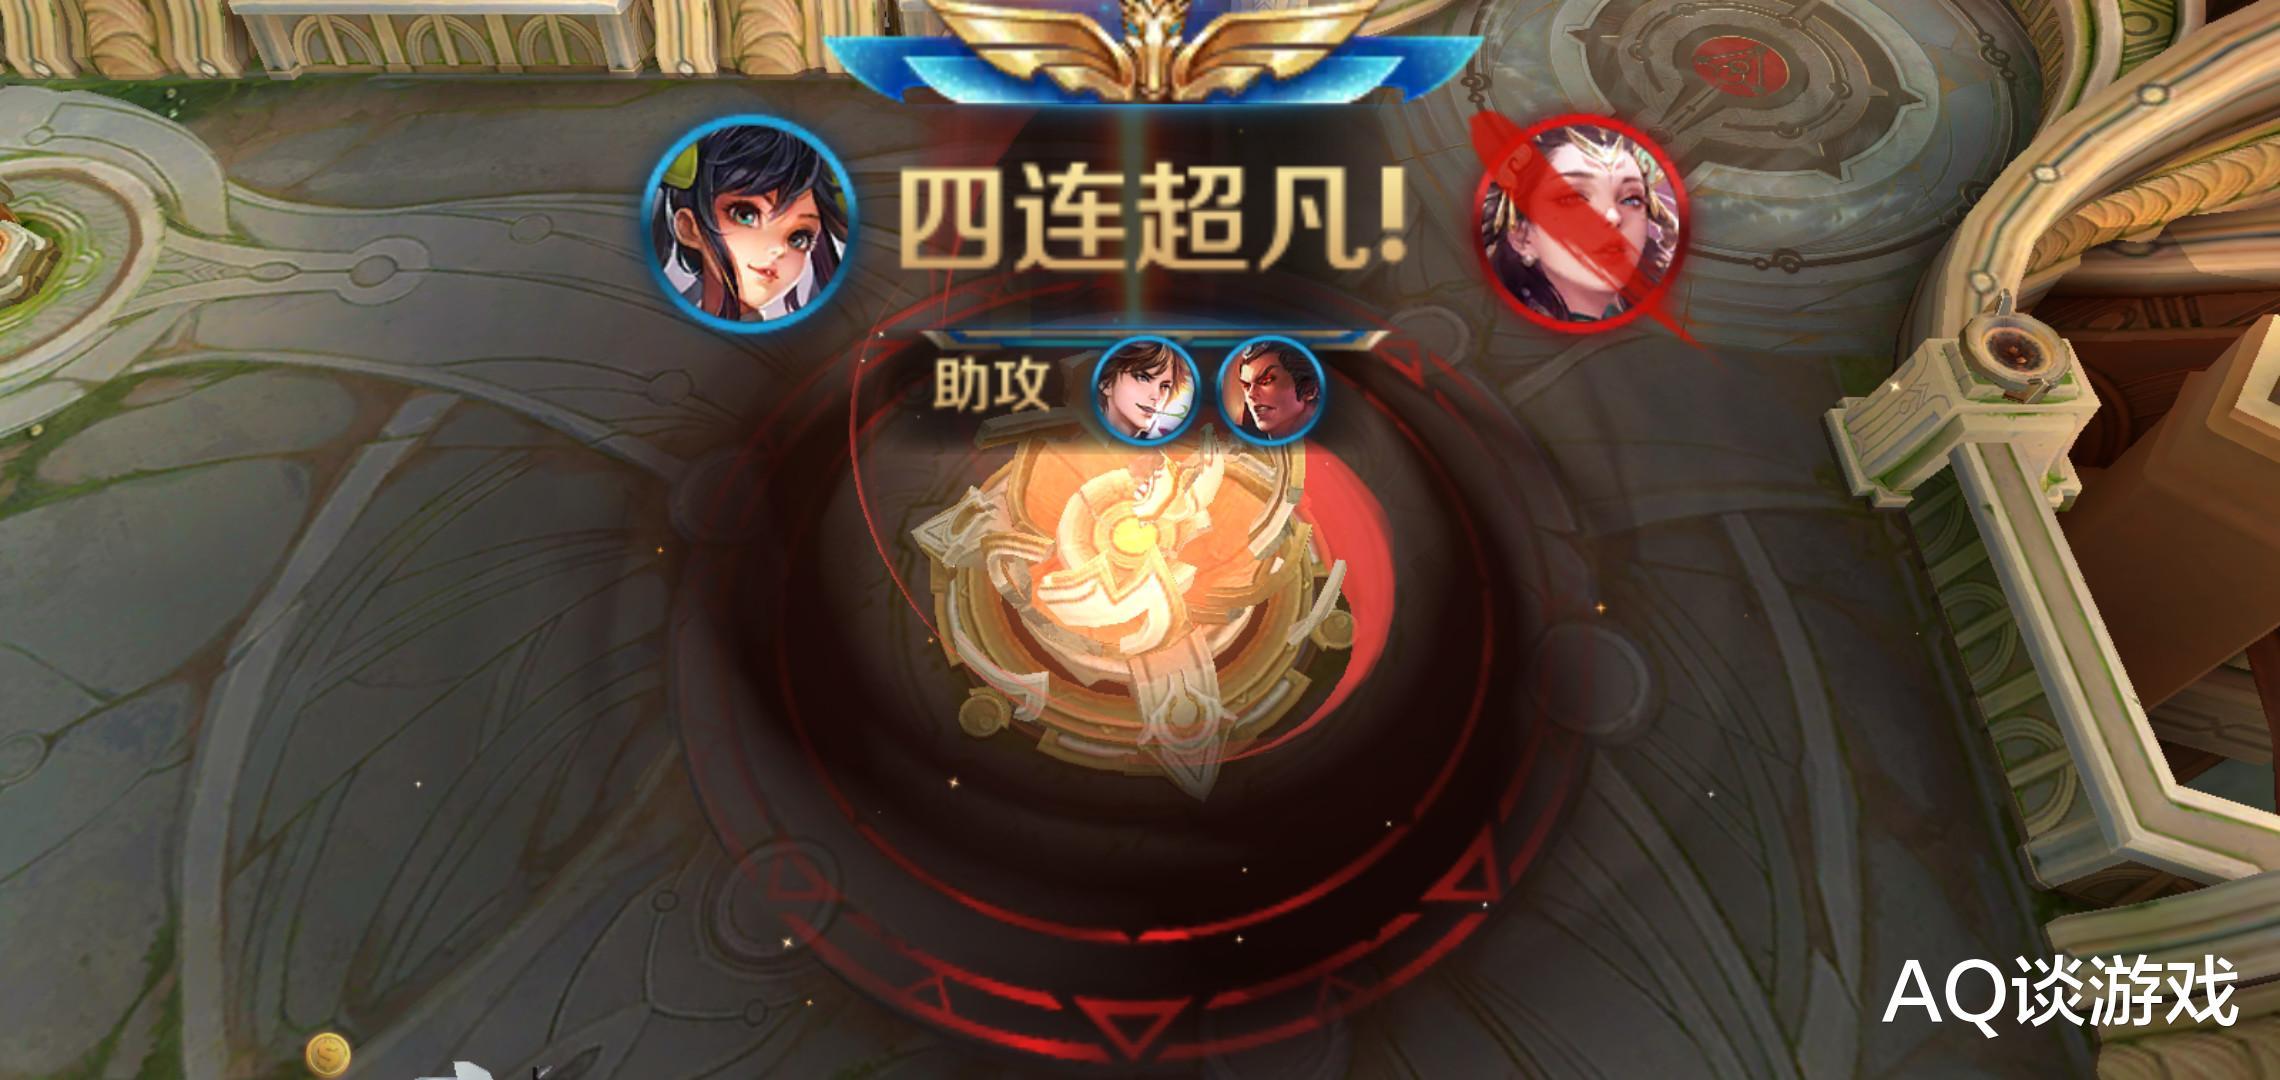 《【煜星官方登陆】王者荣耀:连胜必连败?老玩家:别乱说,这样可避免》